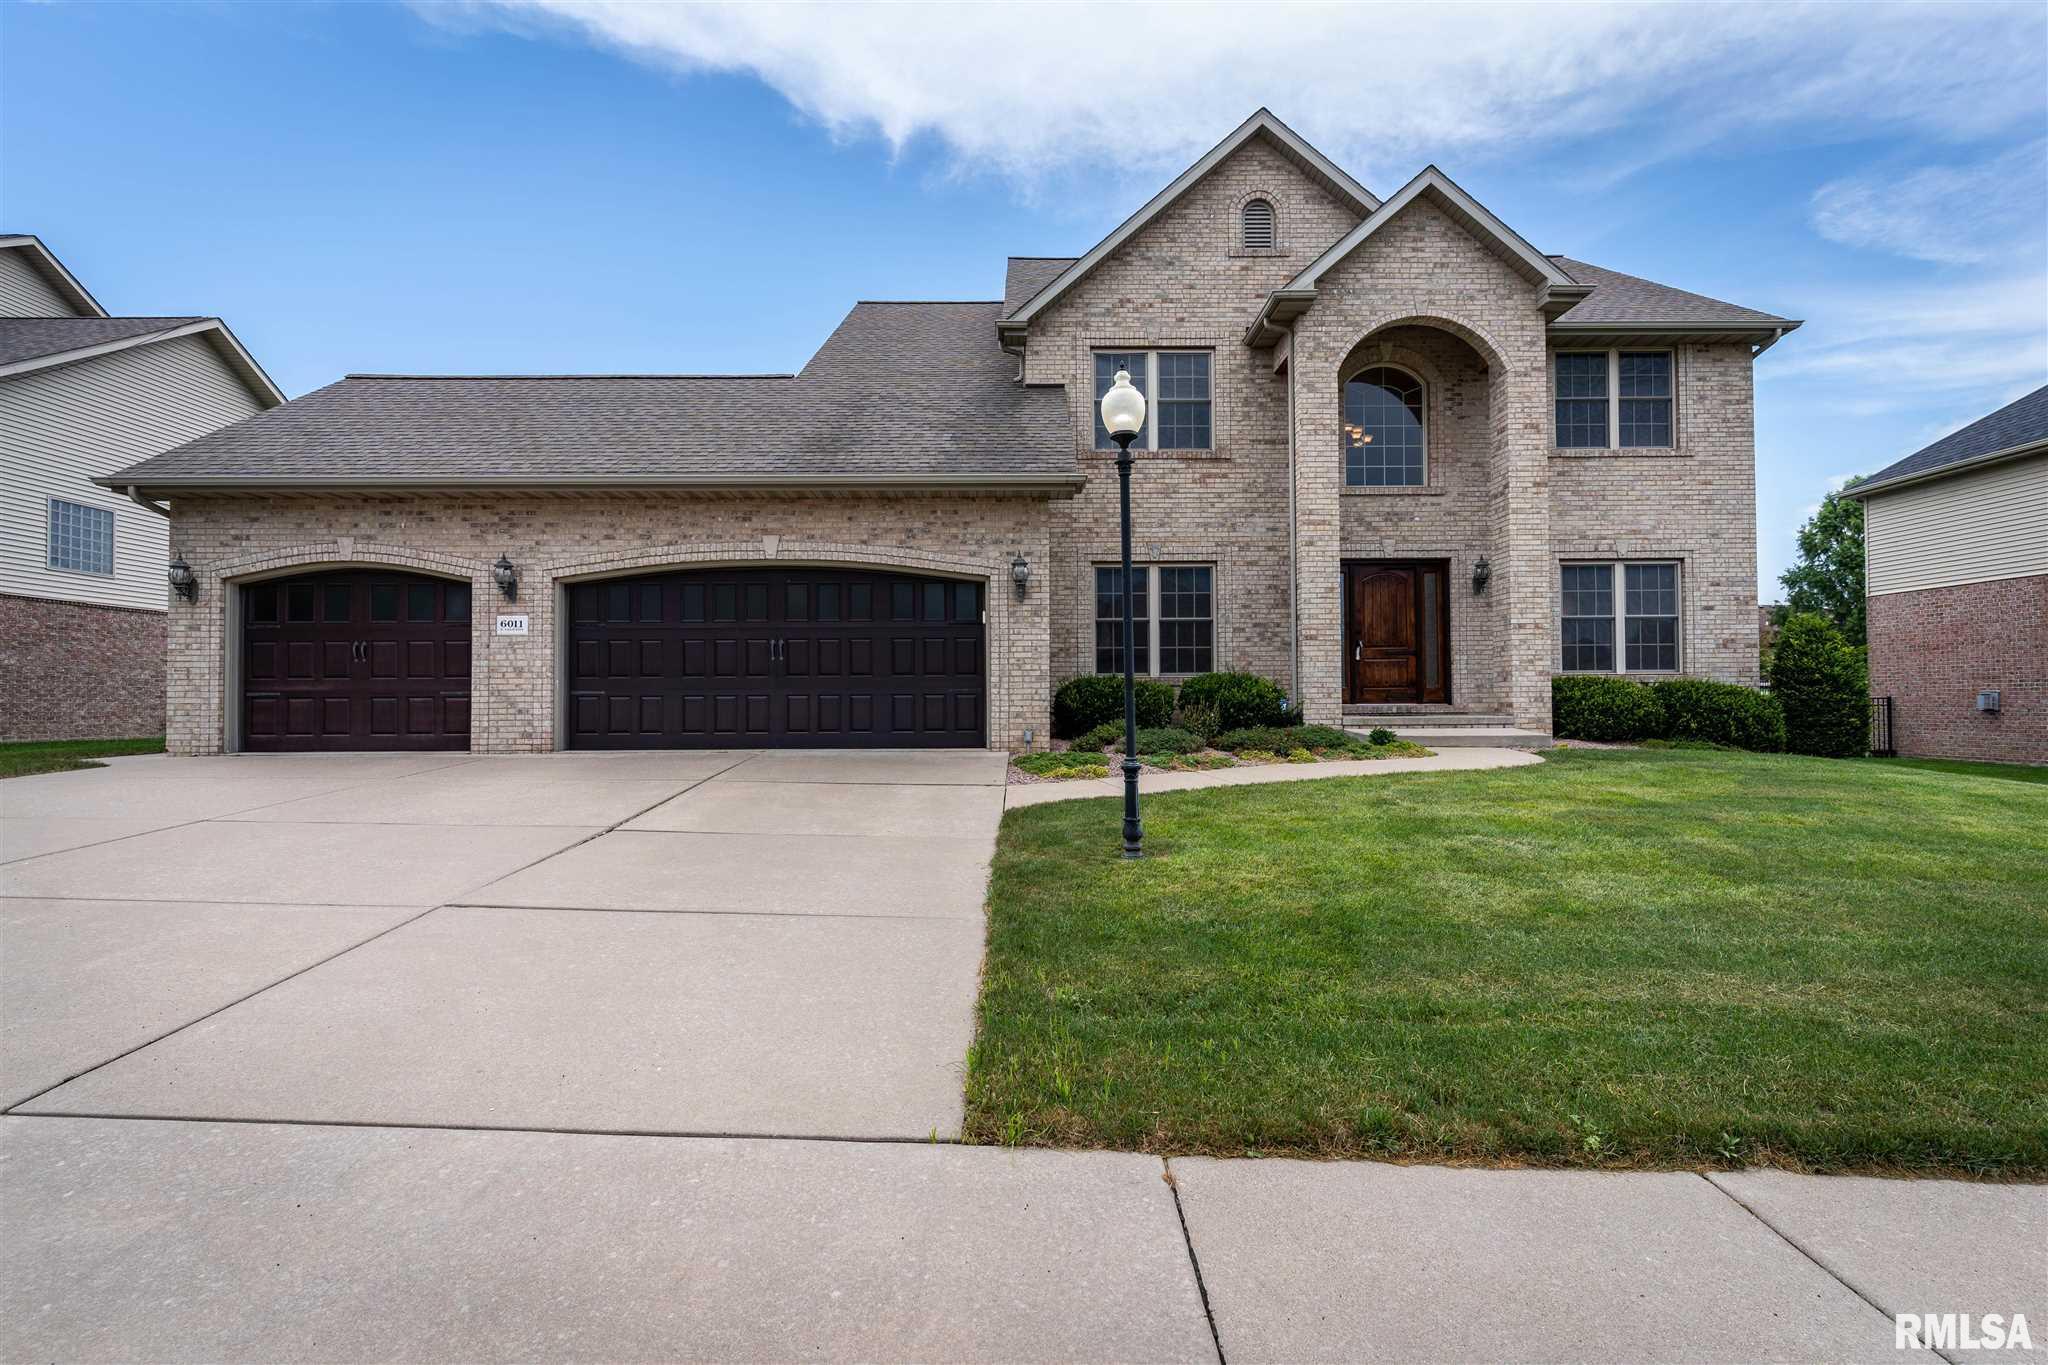 6011 W Eaglecreek Drive Property Photo 1